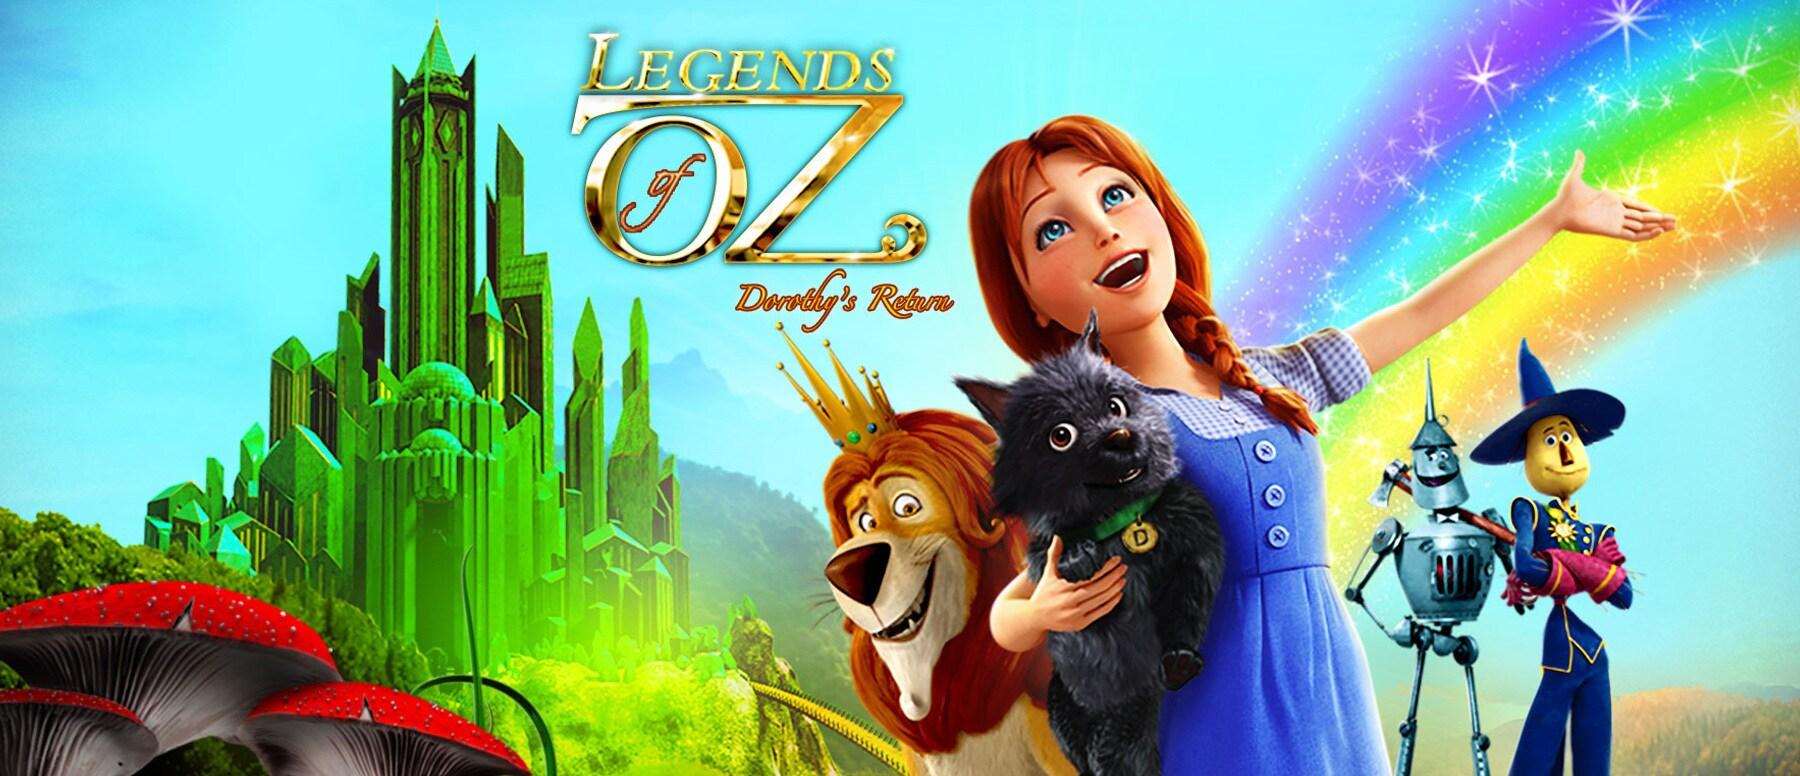 Legends of Oz: Dorothy's Return Hero